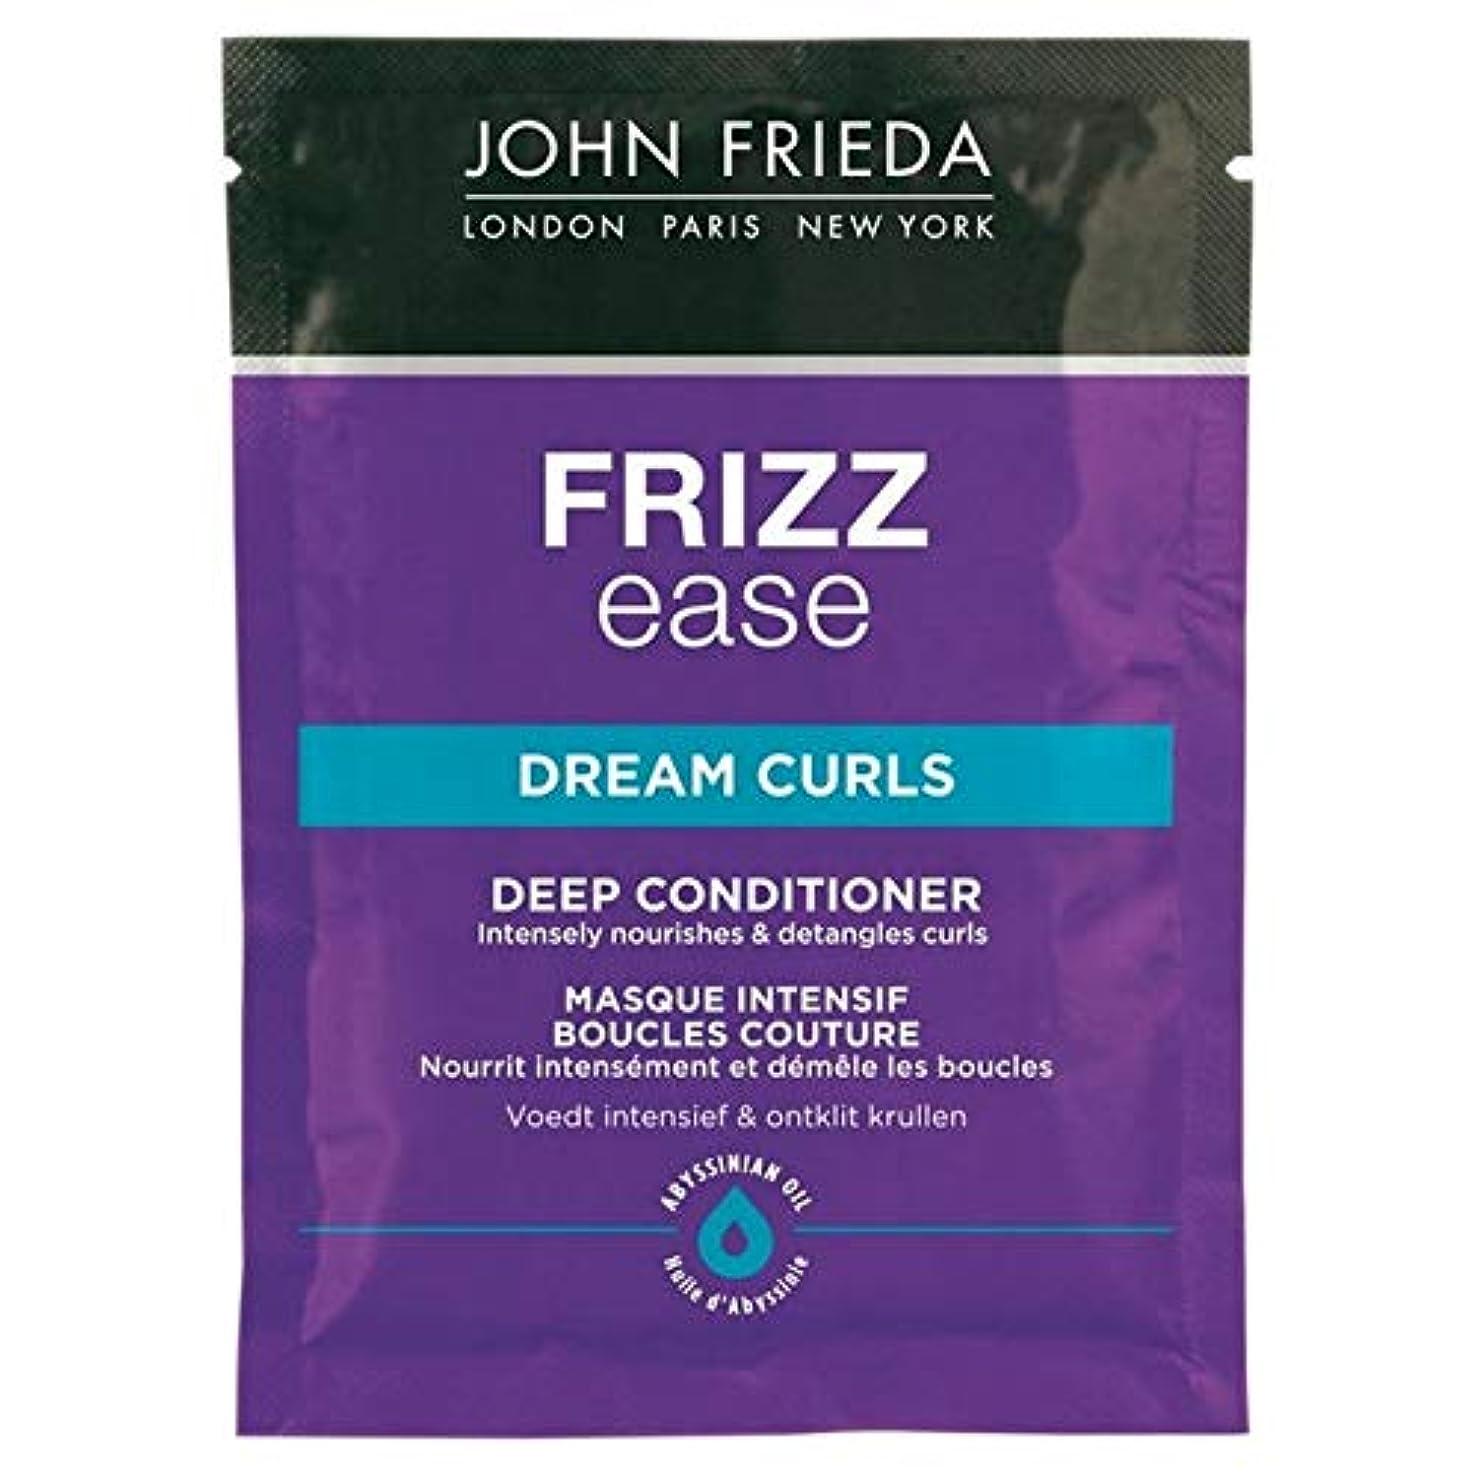 紳士気取りの、きざなピアノデコラティブ[John Frieda ] ジョン?フリーダ縮れ容易夢のカールコンディショナー25ミリリットル - John Frieda Frizz Ease Dream Curls Conditioner 25ml [並行輸入品]